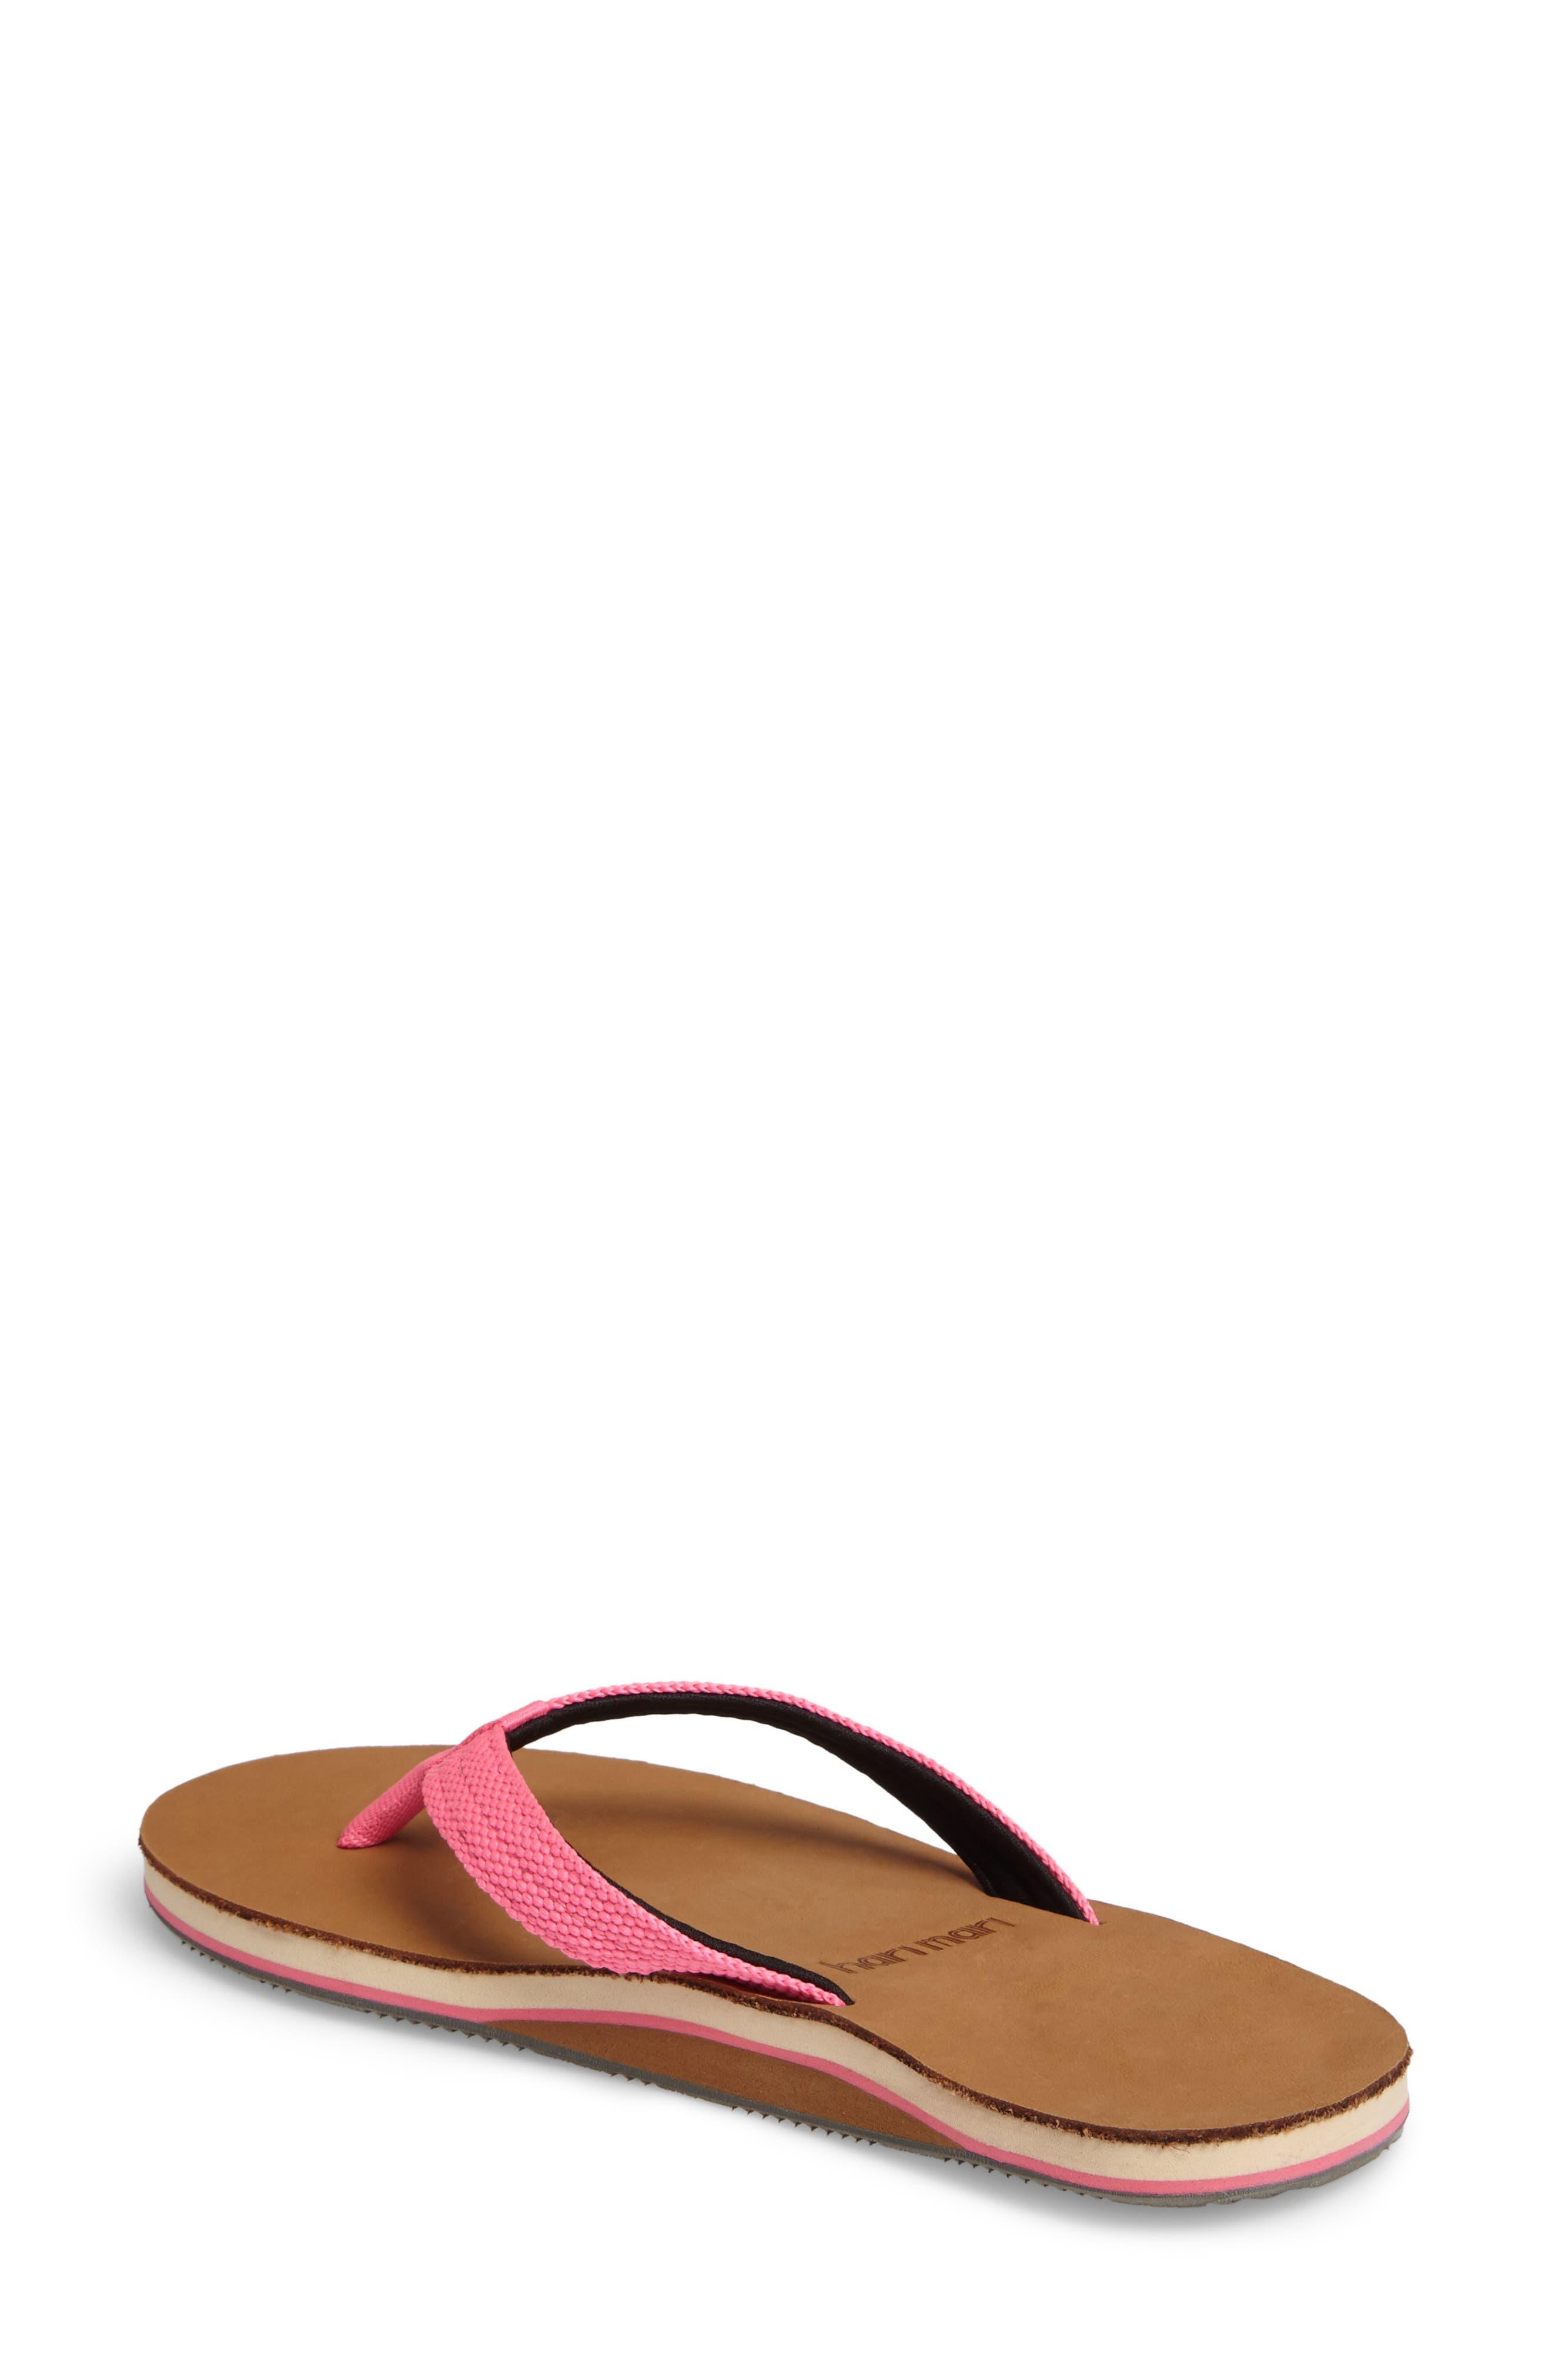 Scouts Flip Flop,                             Alternate thumbnail 2, color,                             Neon Pink/ Black